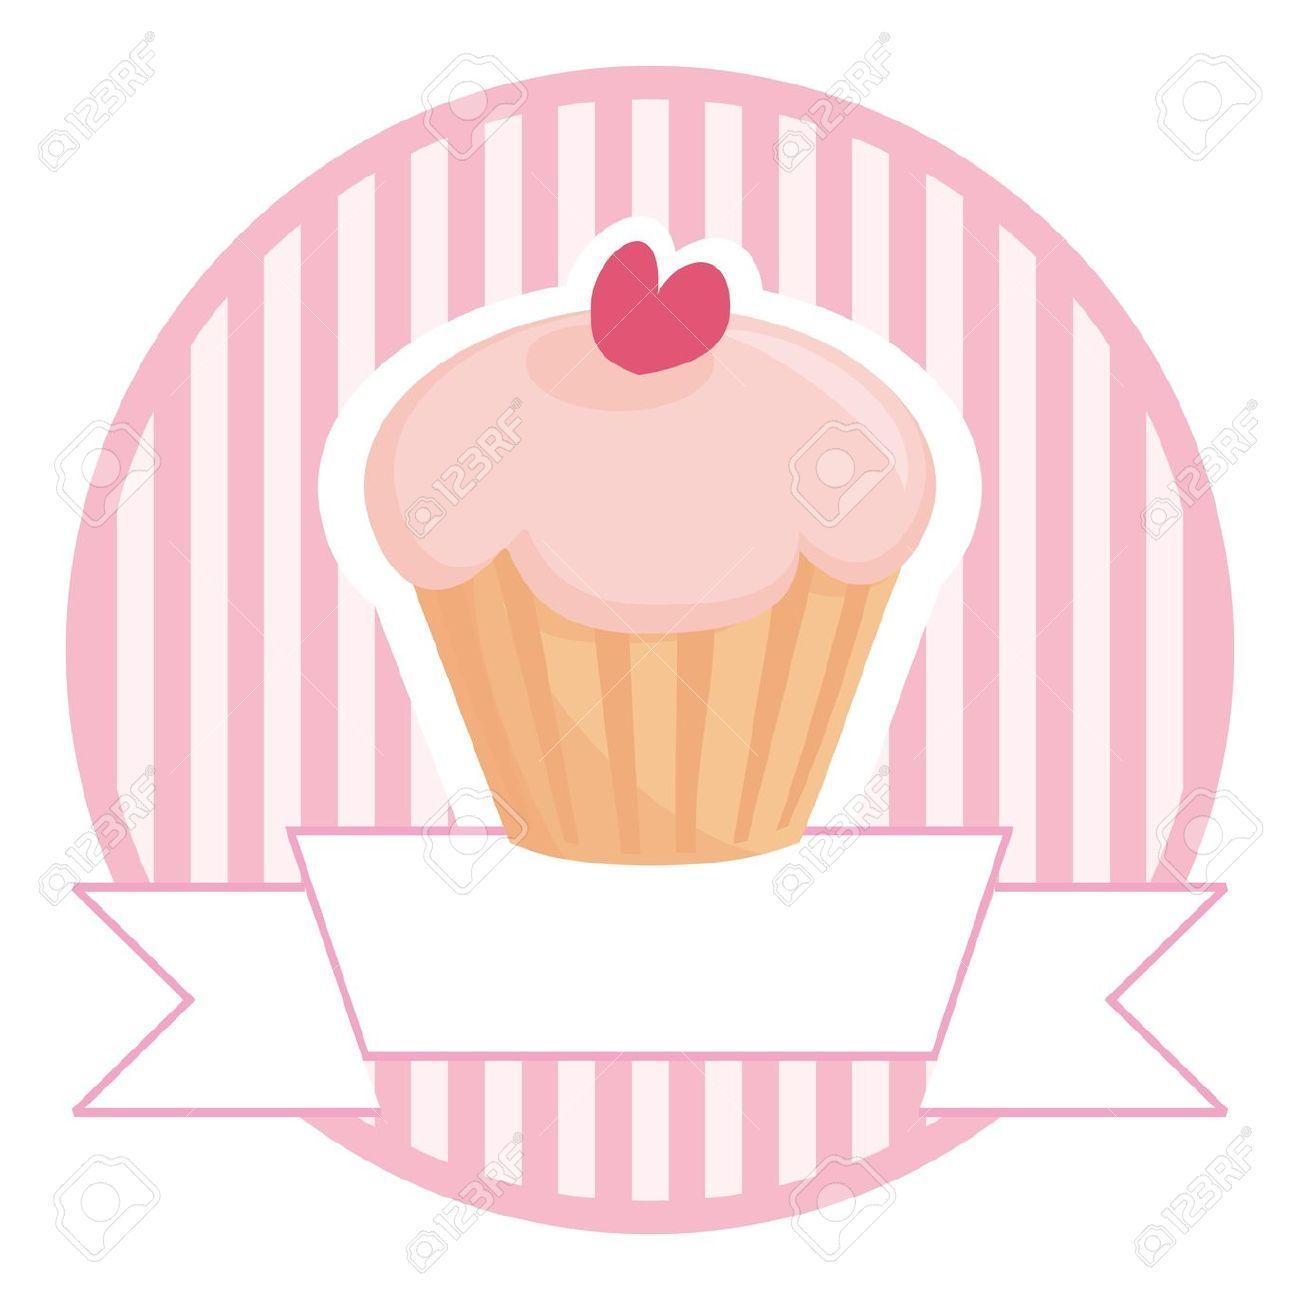 Cupcake Logo Stock Photos Images, Royalty Free Cupcake ...